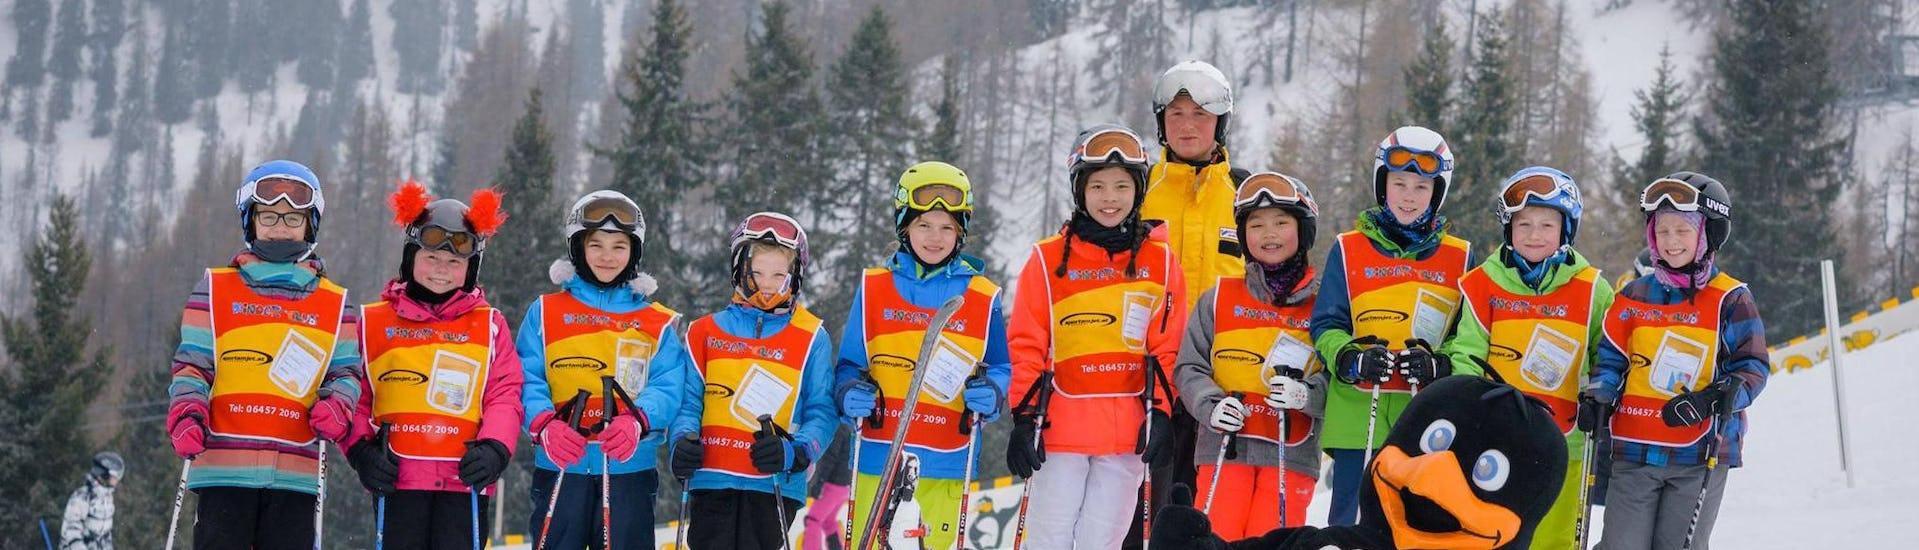 Skikurs für Kinder & Teens (6-14 Jahre) - Mit Erfahrung